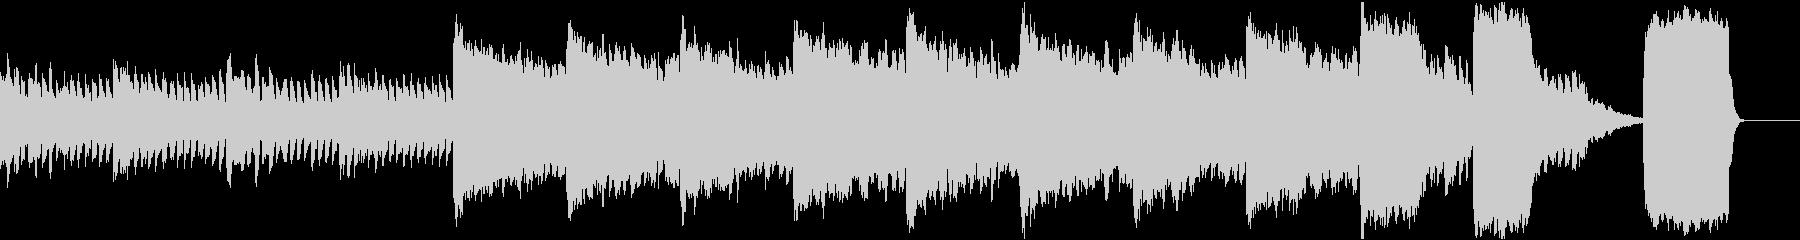 単一の原始的なシンセアルペジオは、...の未再生の波形